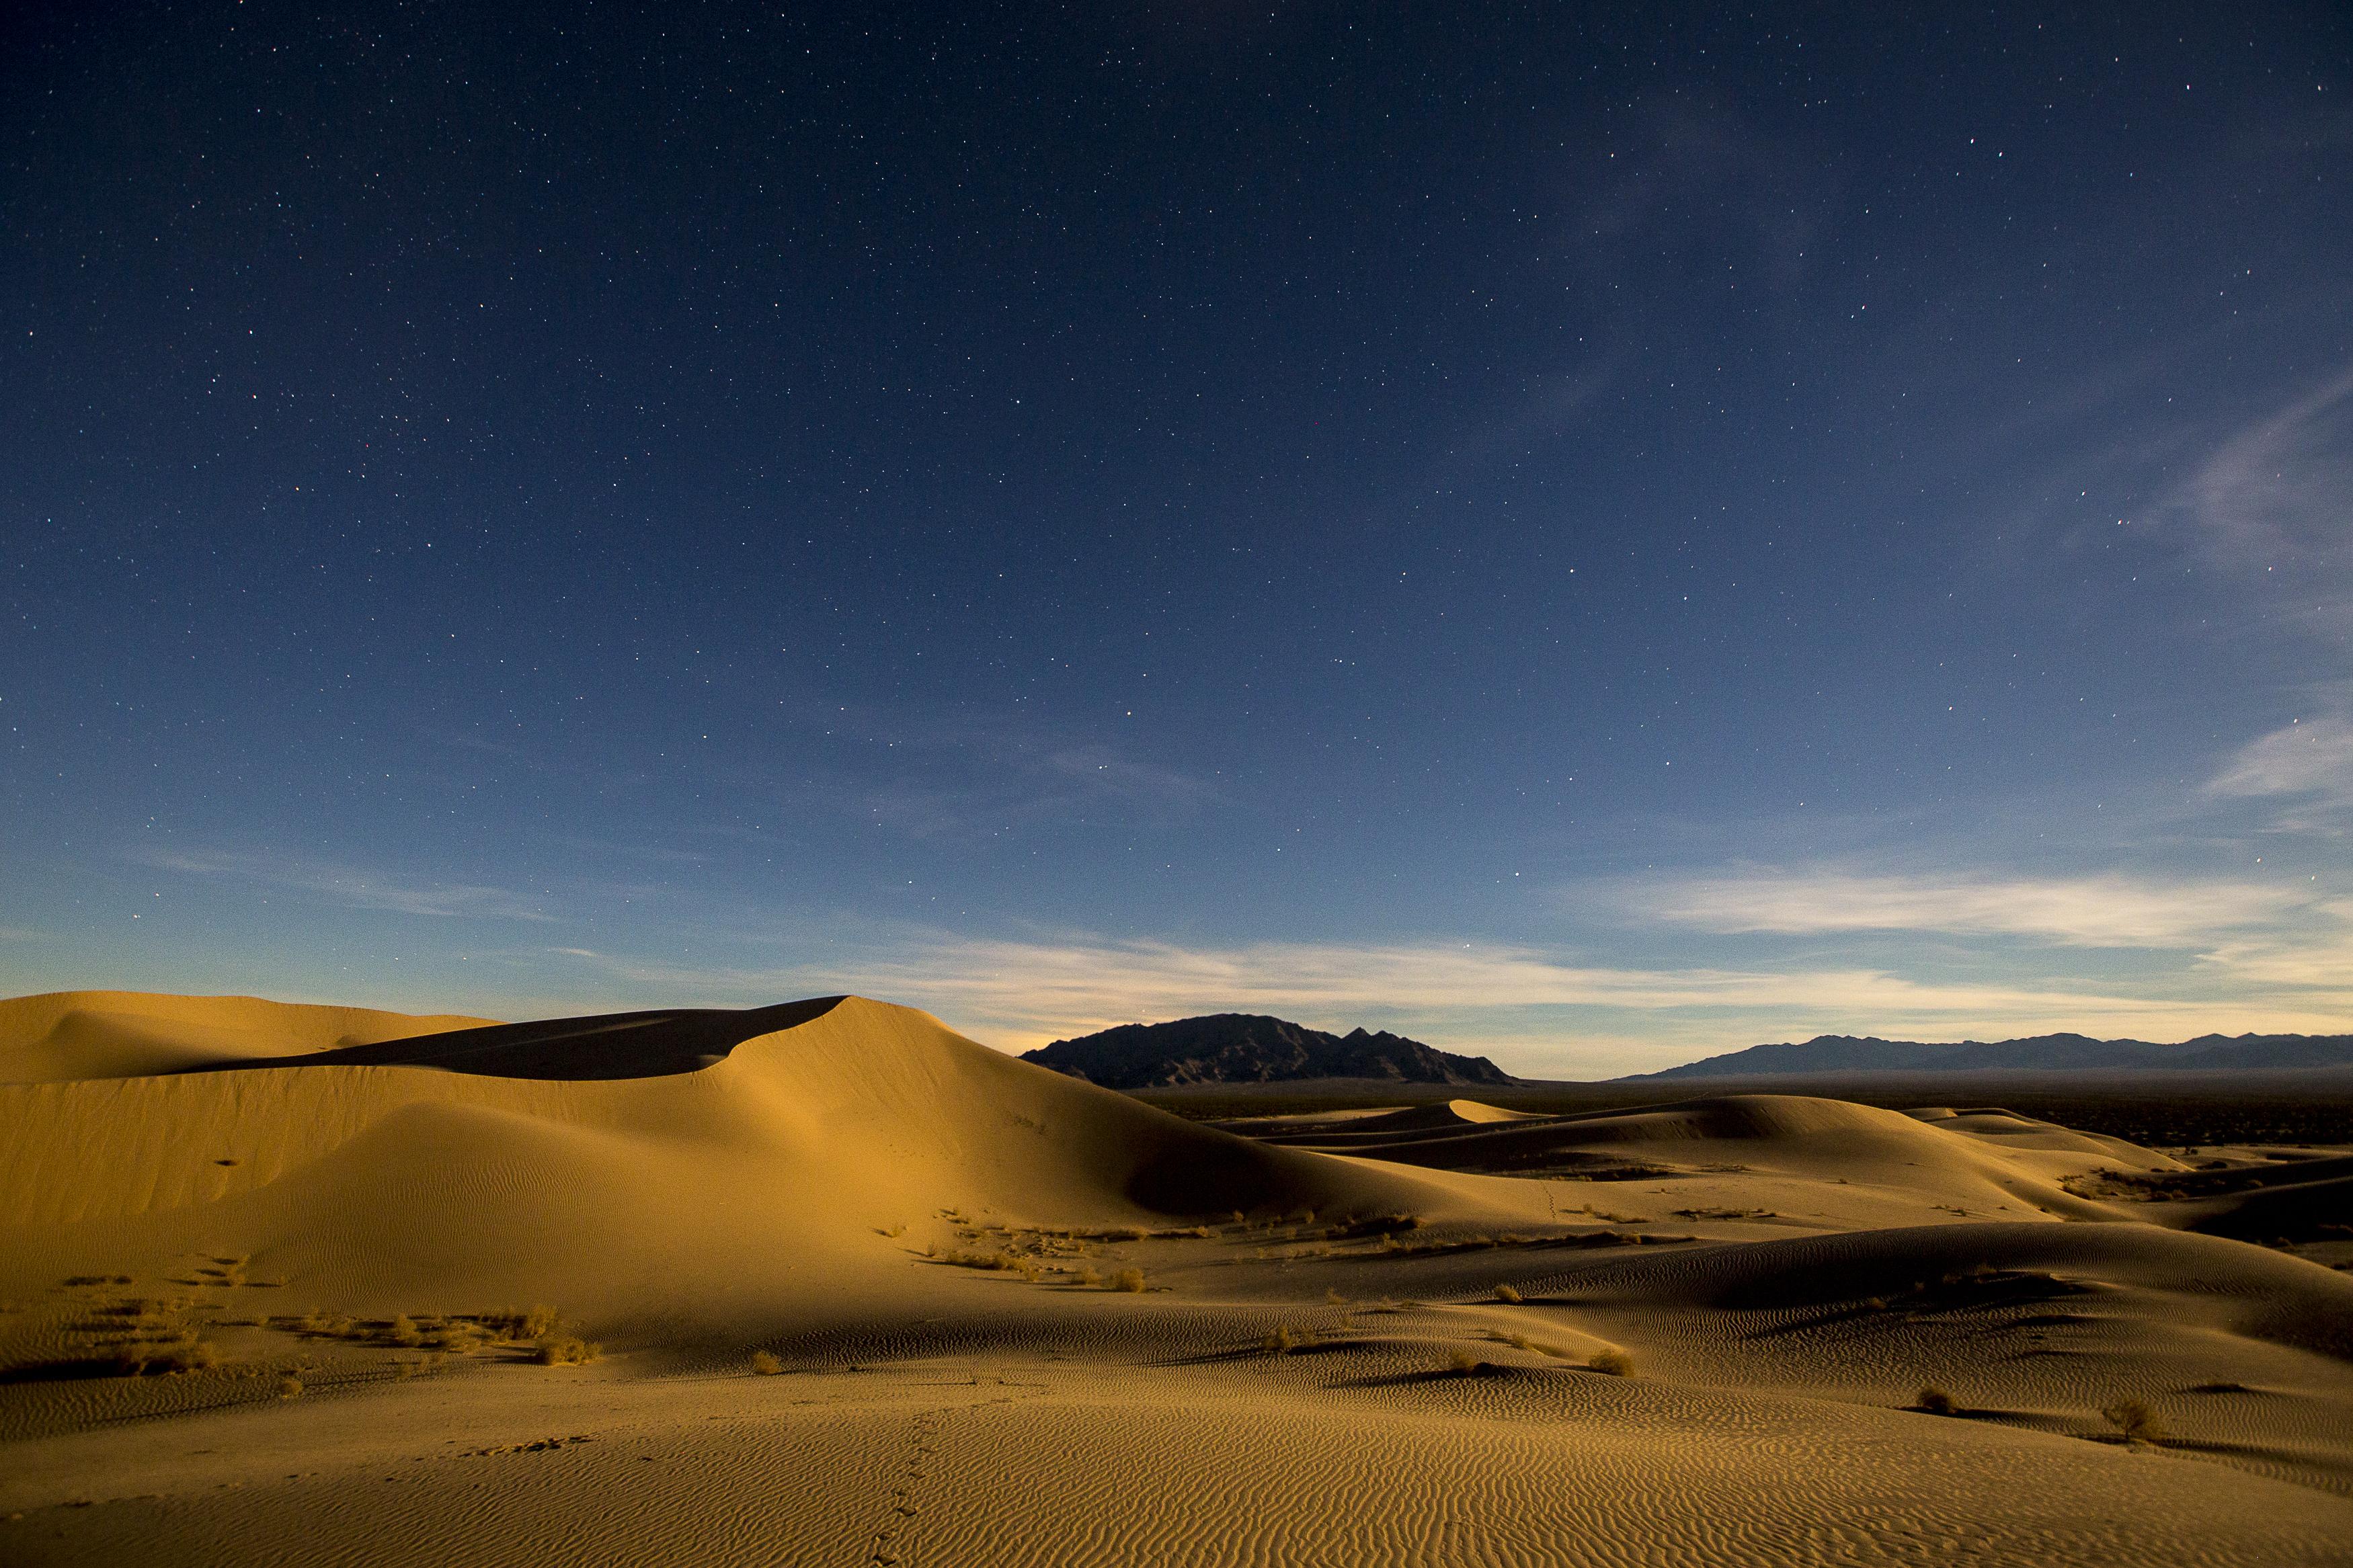 101181 Заставки и Обои Пустыня на телефон. Скачать Дюны, Пустыня, Природа, Звездное Небо, Пески картинки бесплатно